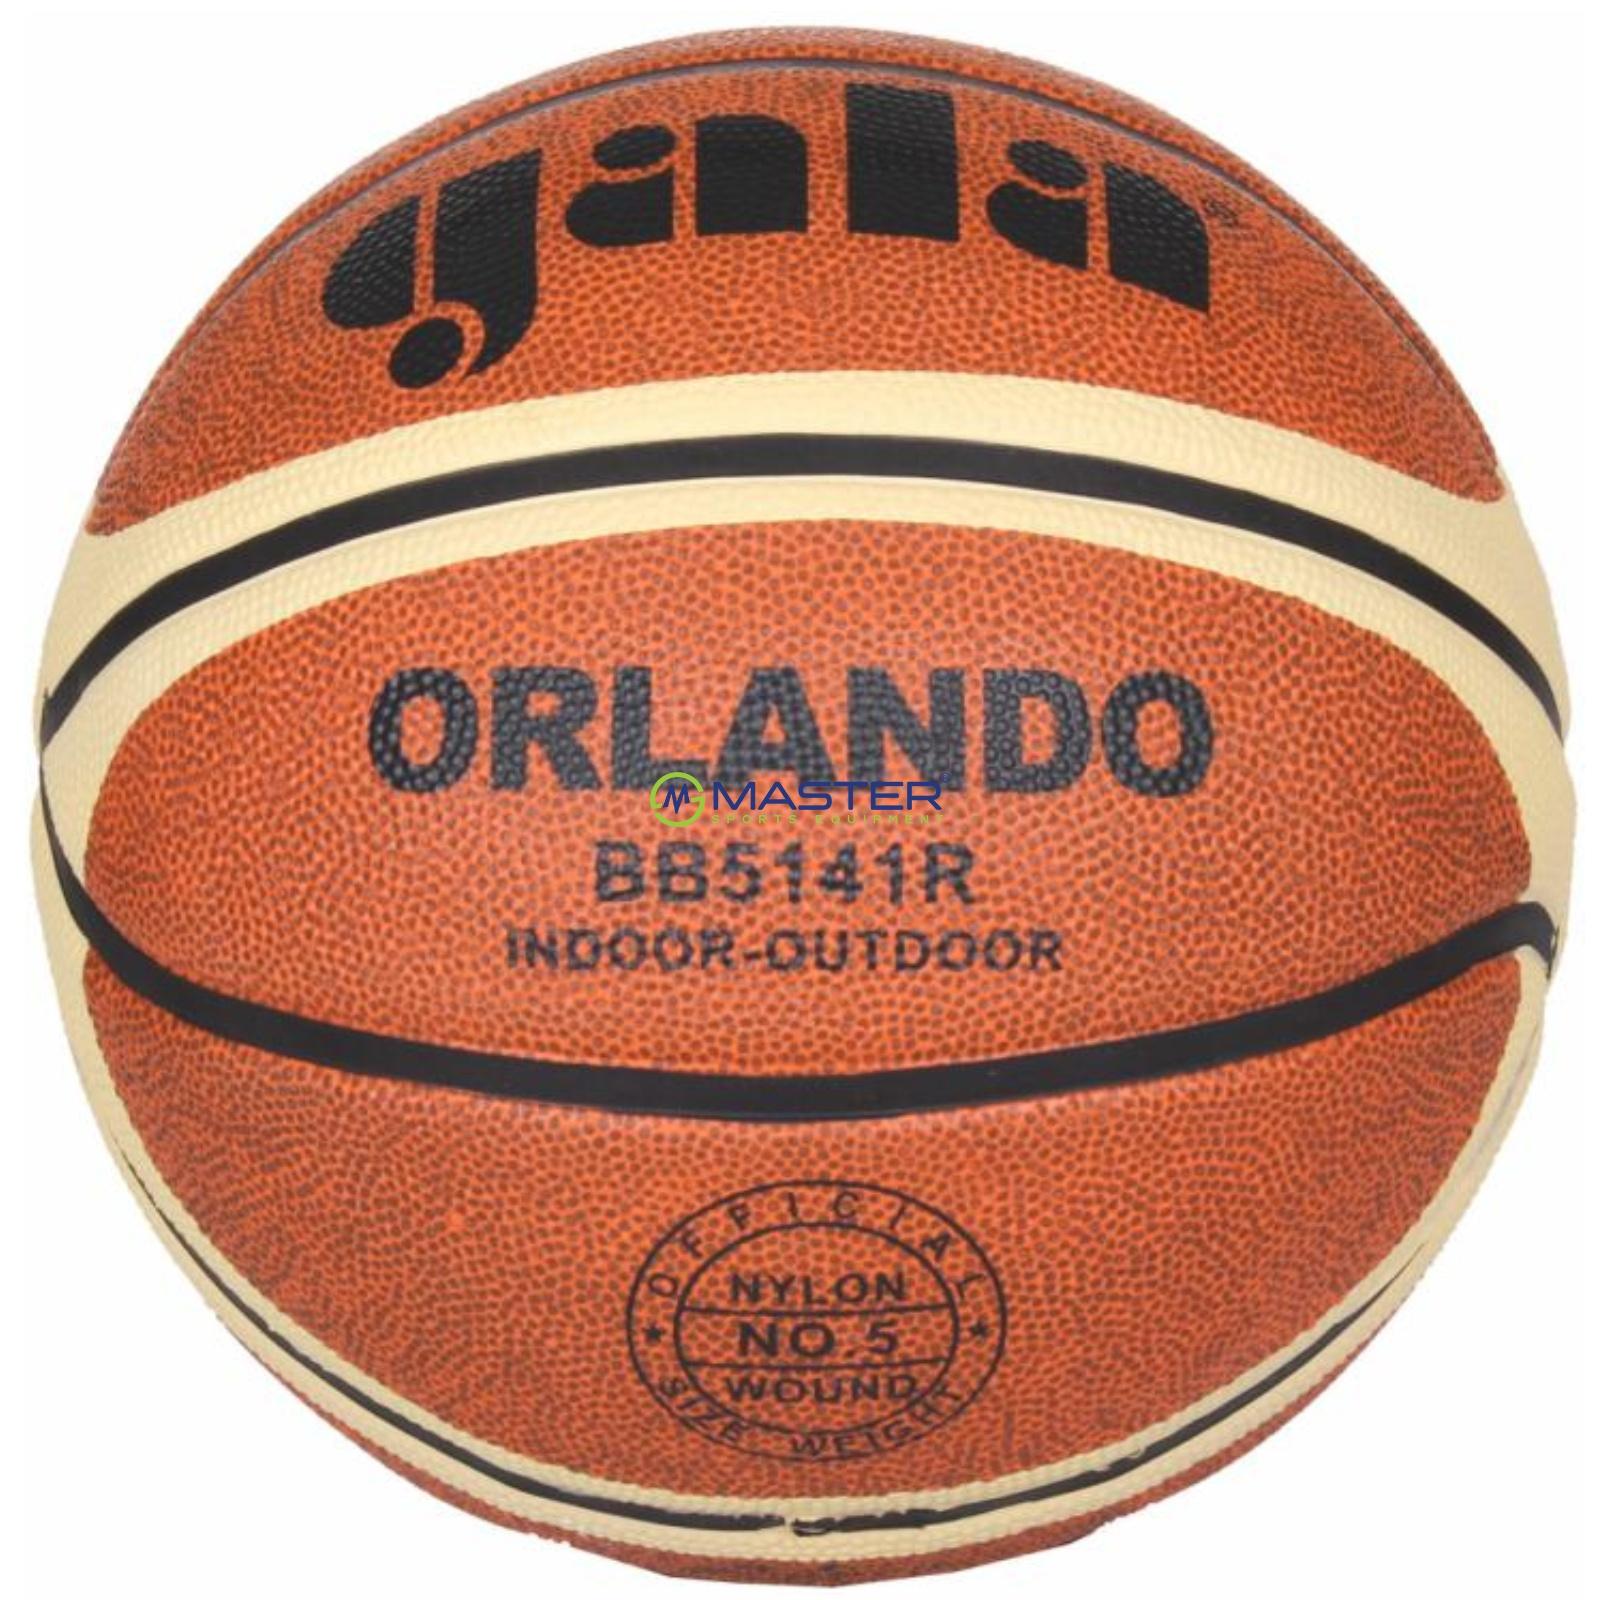 3eacaaaaff3 Basketbalový míč GALA Orlando BB5141R